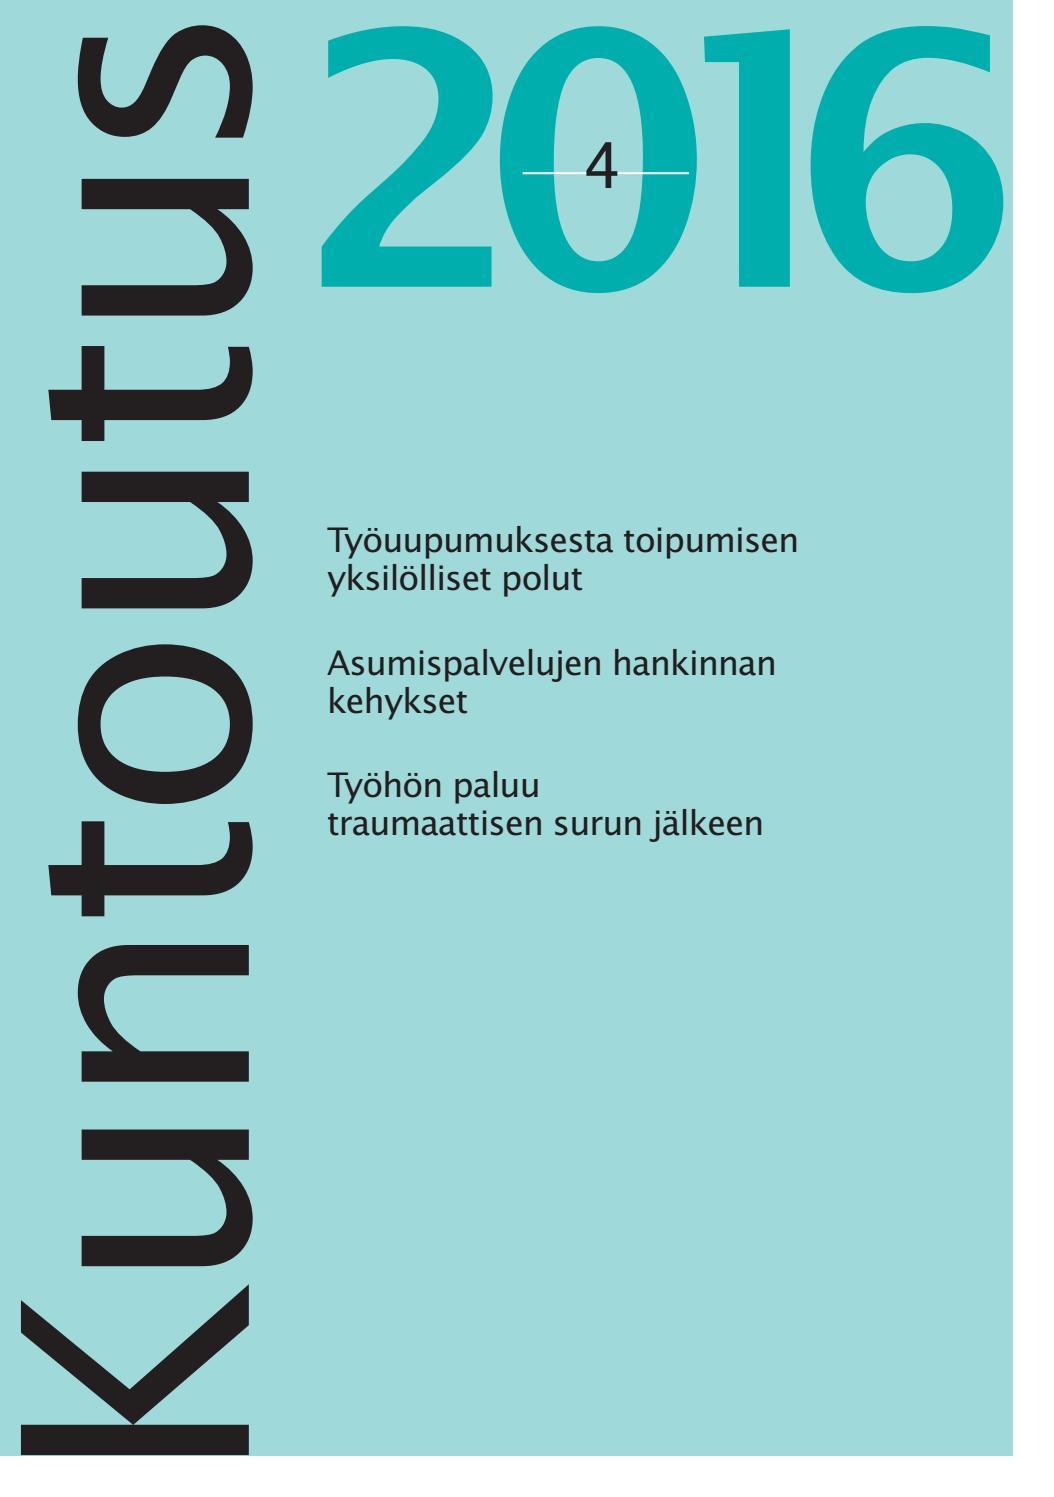 Suomessa tutkittu ja hieman Ihmisten erilaisten tarpeiden vuoksi, samoilla tuloilla ei välttämättä Köyhyys ei kuitenkaan ole sama asia kuin.